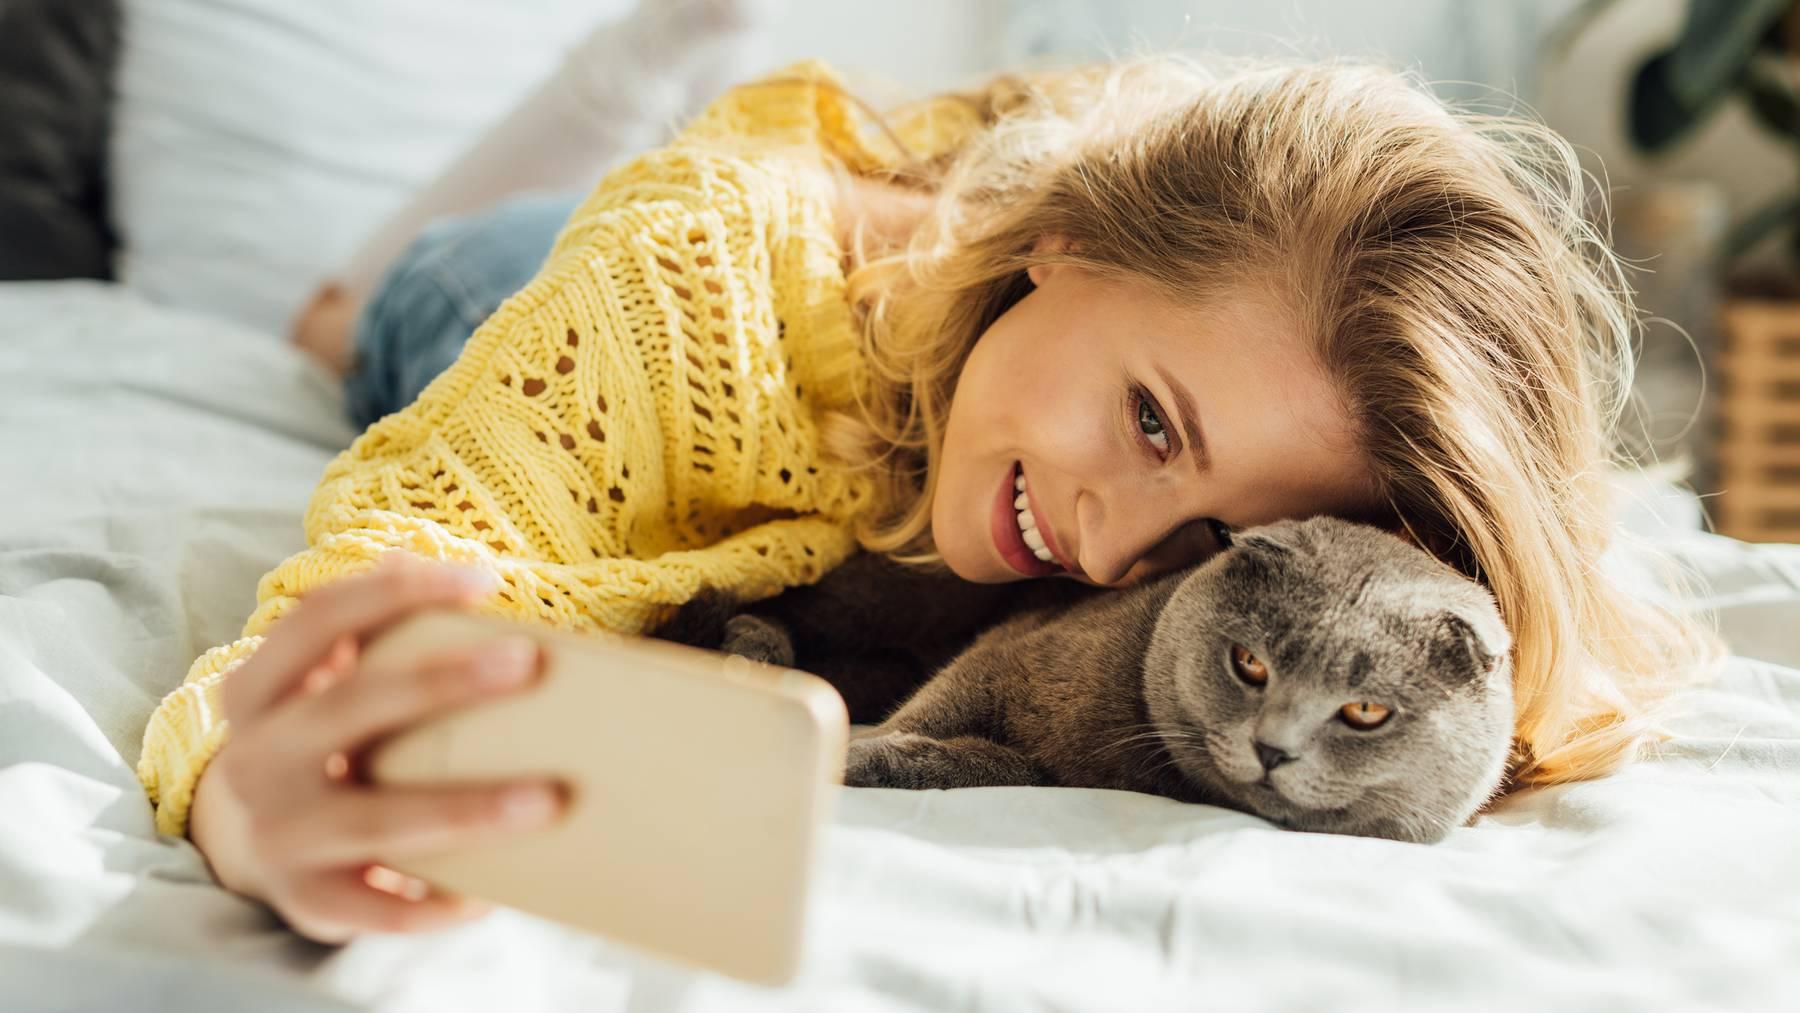 Die neue Dating-App zielt auf Katzenfreunde ab. (Symbolbild)